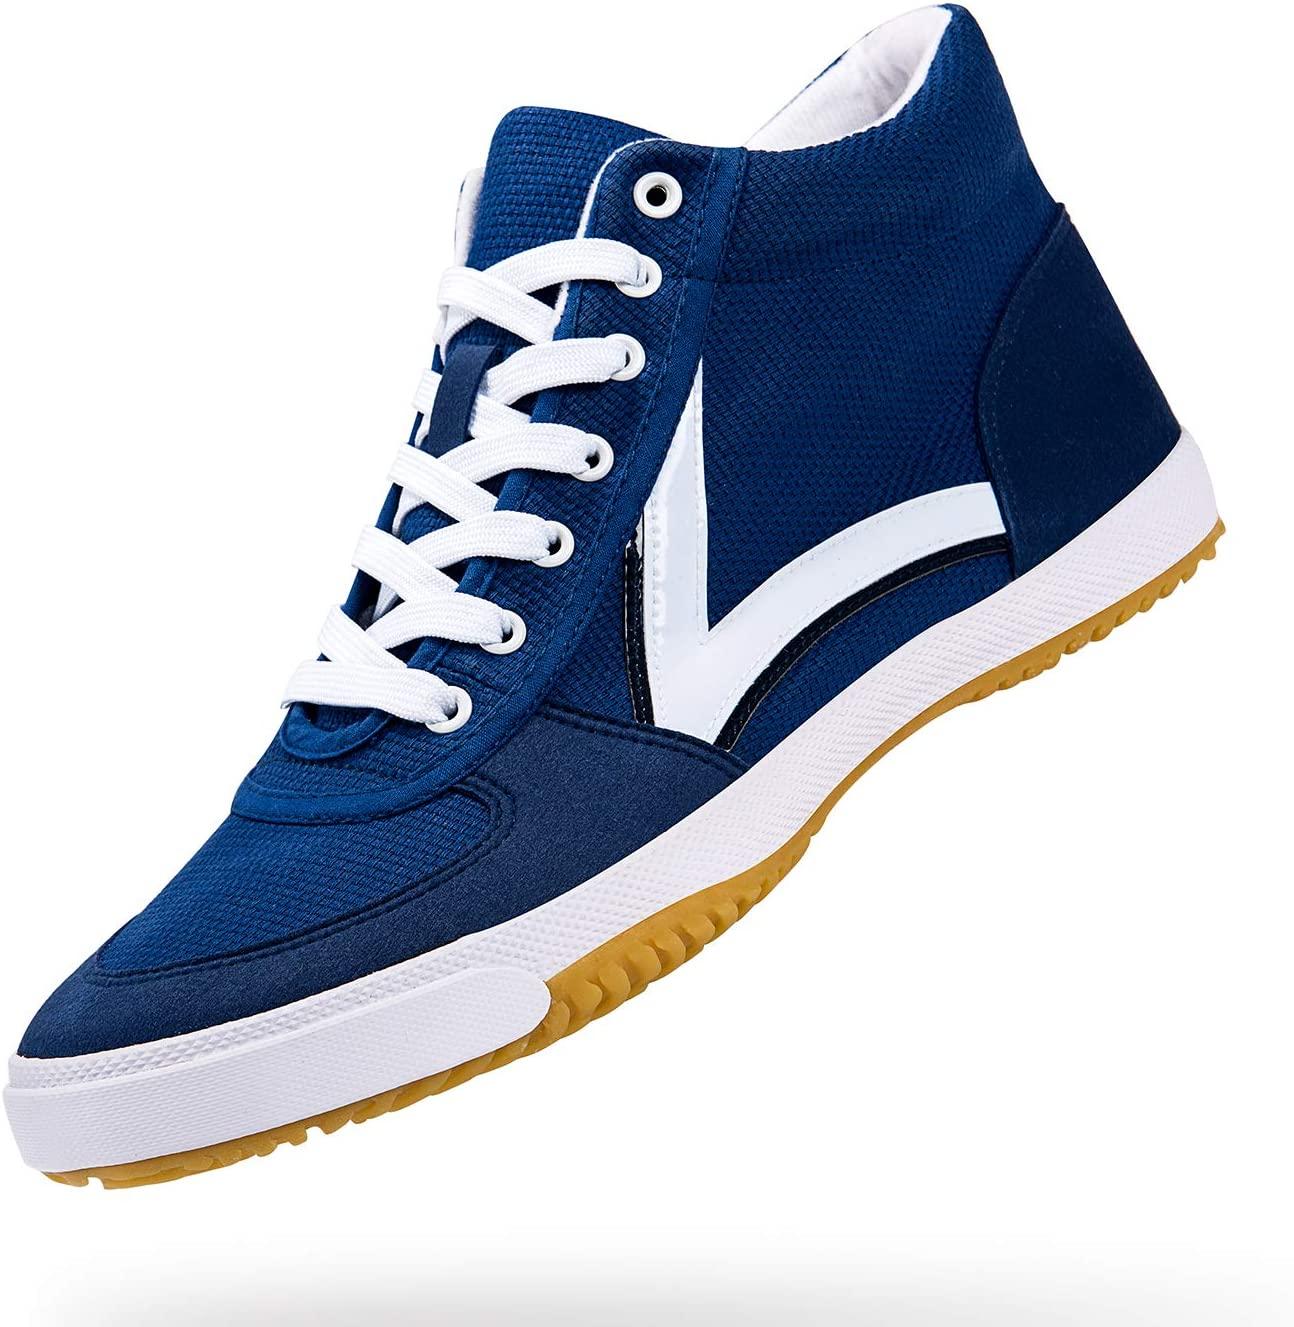 Mixed Martial Arts Shoes